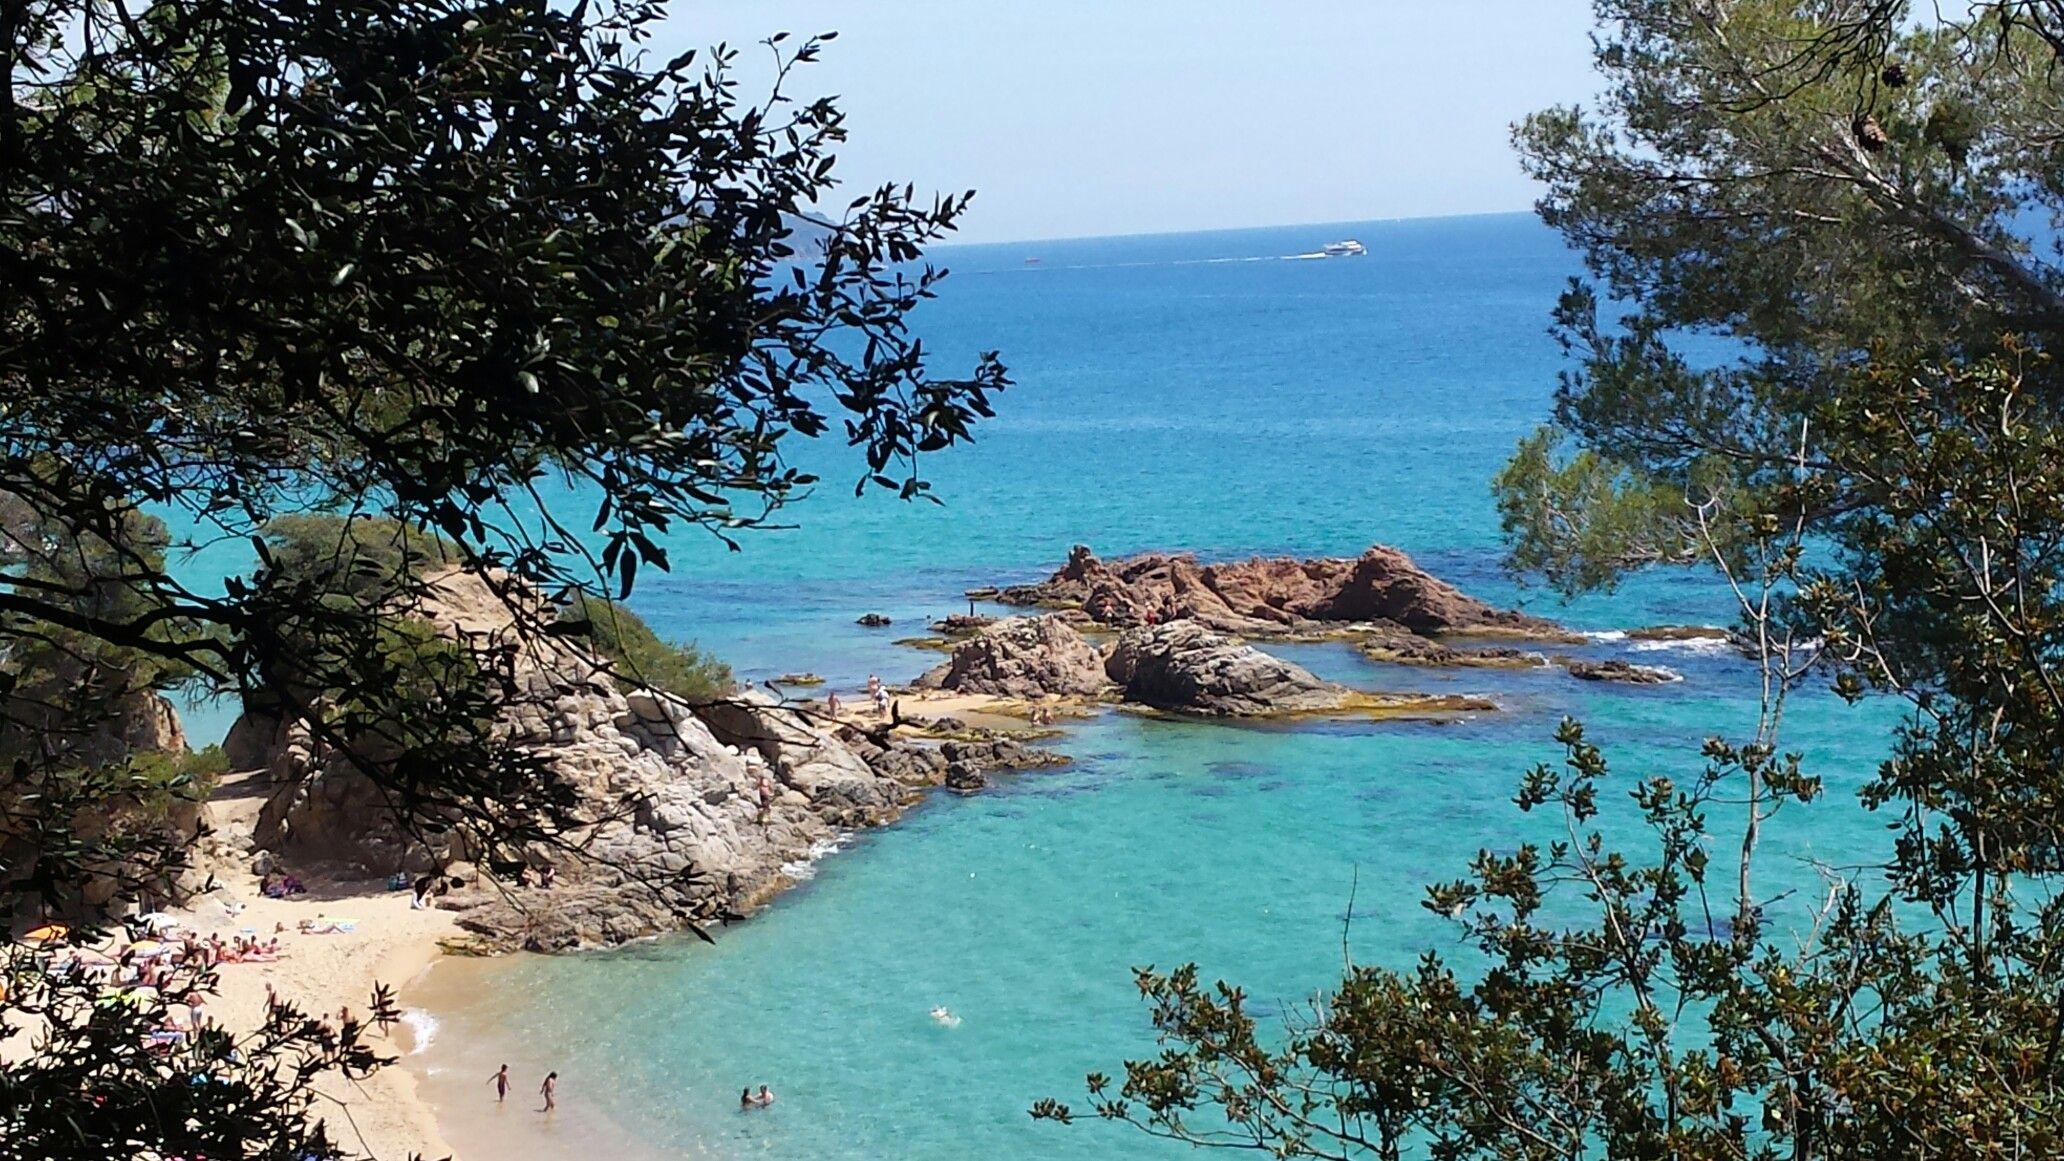 Cala Treumal Blanes Costa Brava Outdoor Water